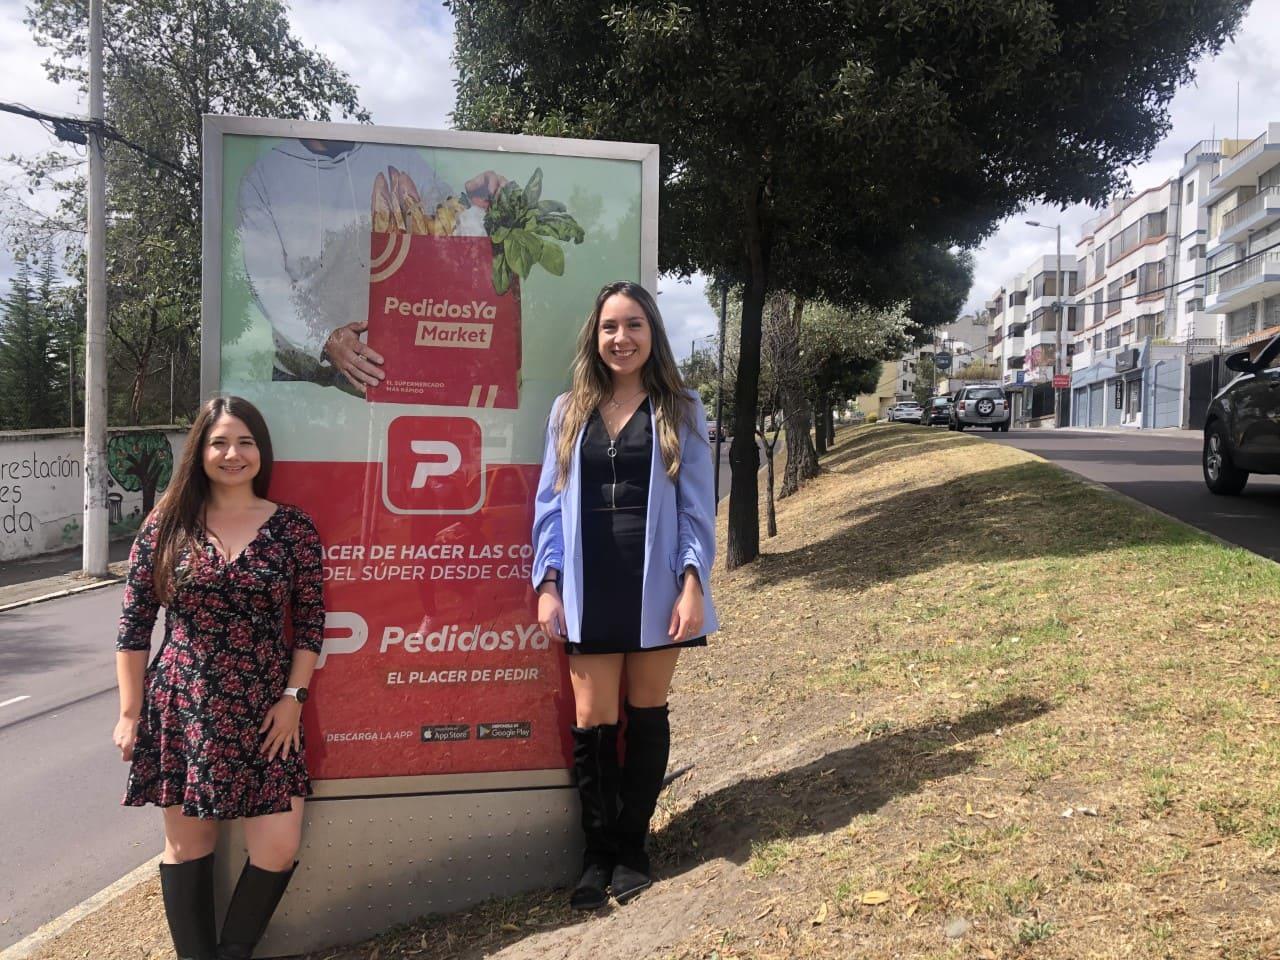 """PedidosYa presenta su nueva campaña """"El Placer de Pedir"""""""